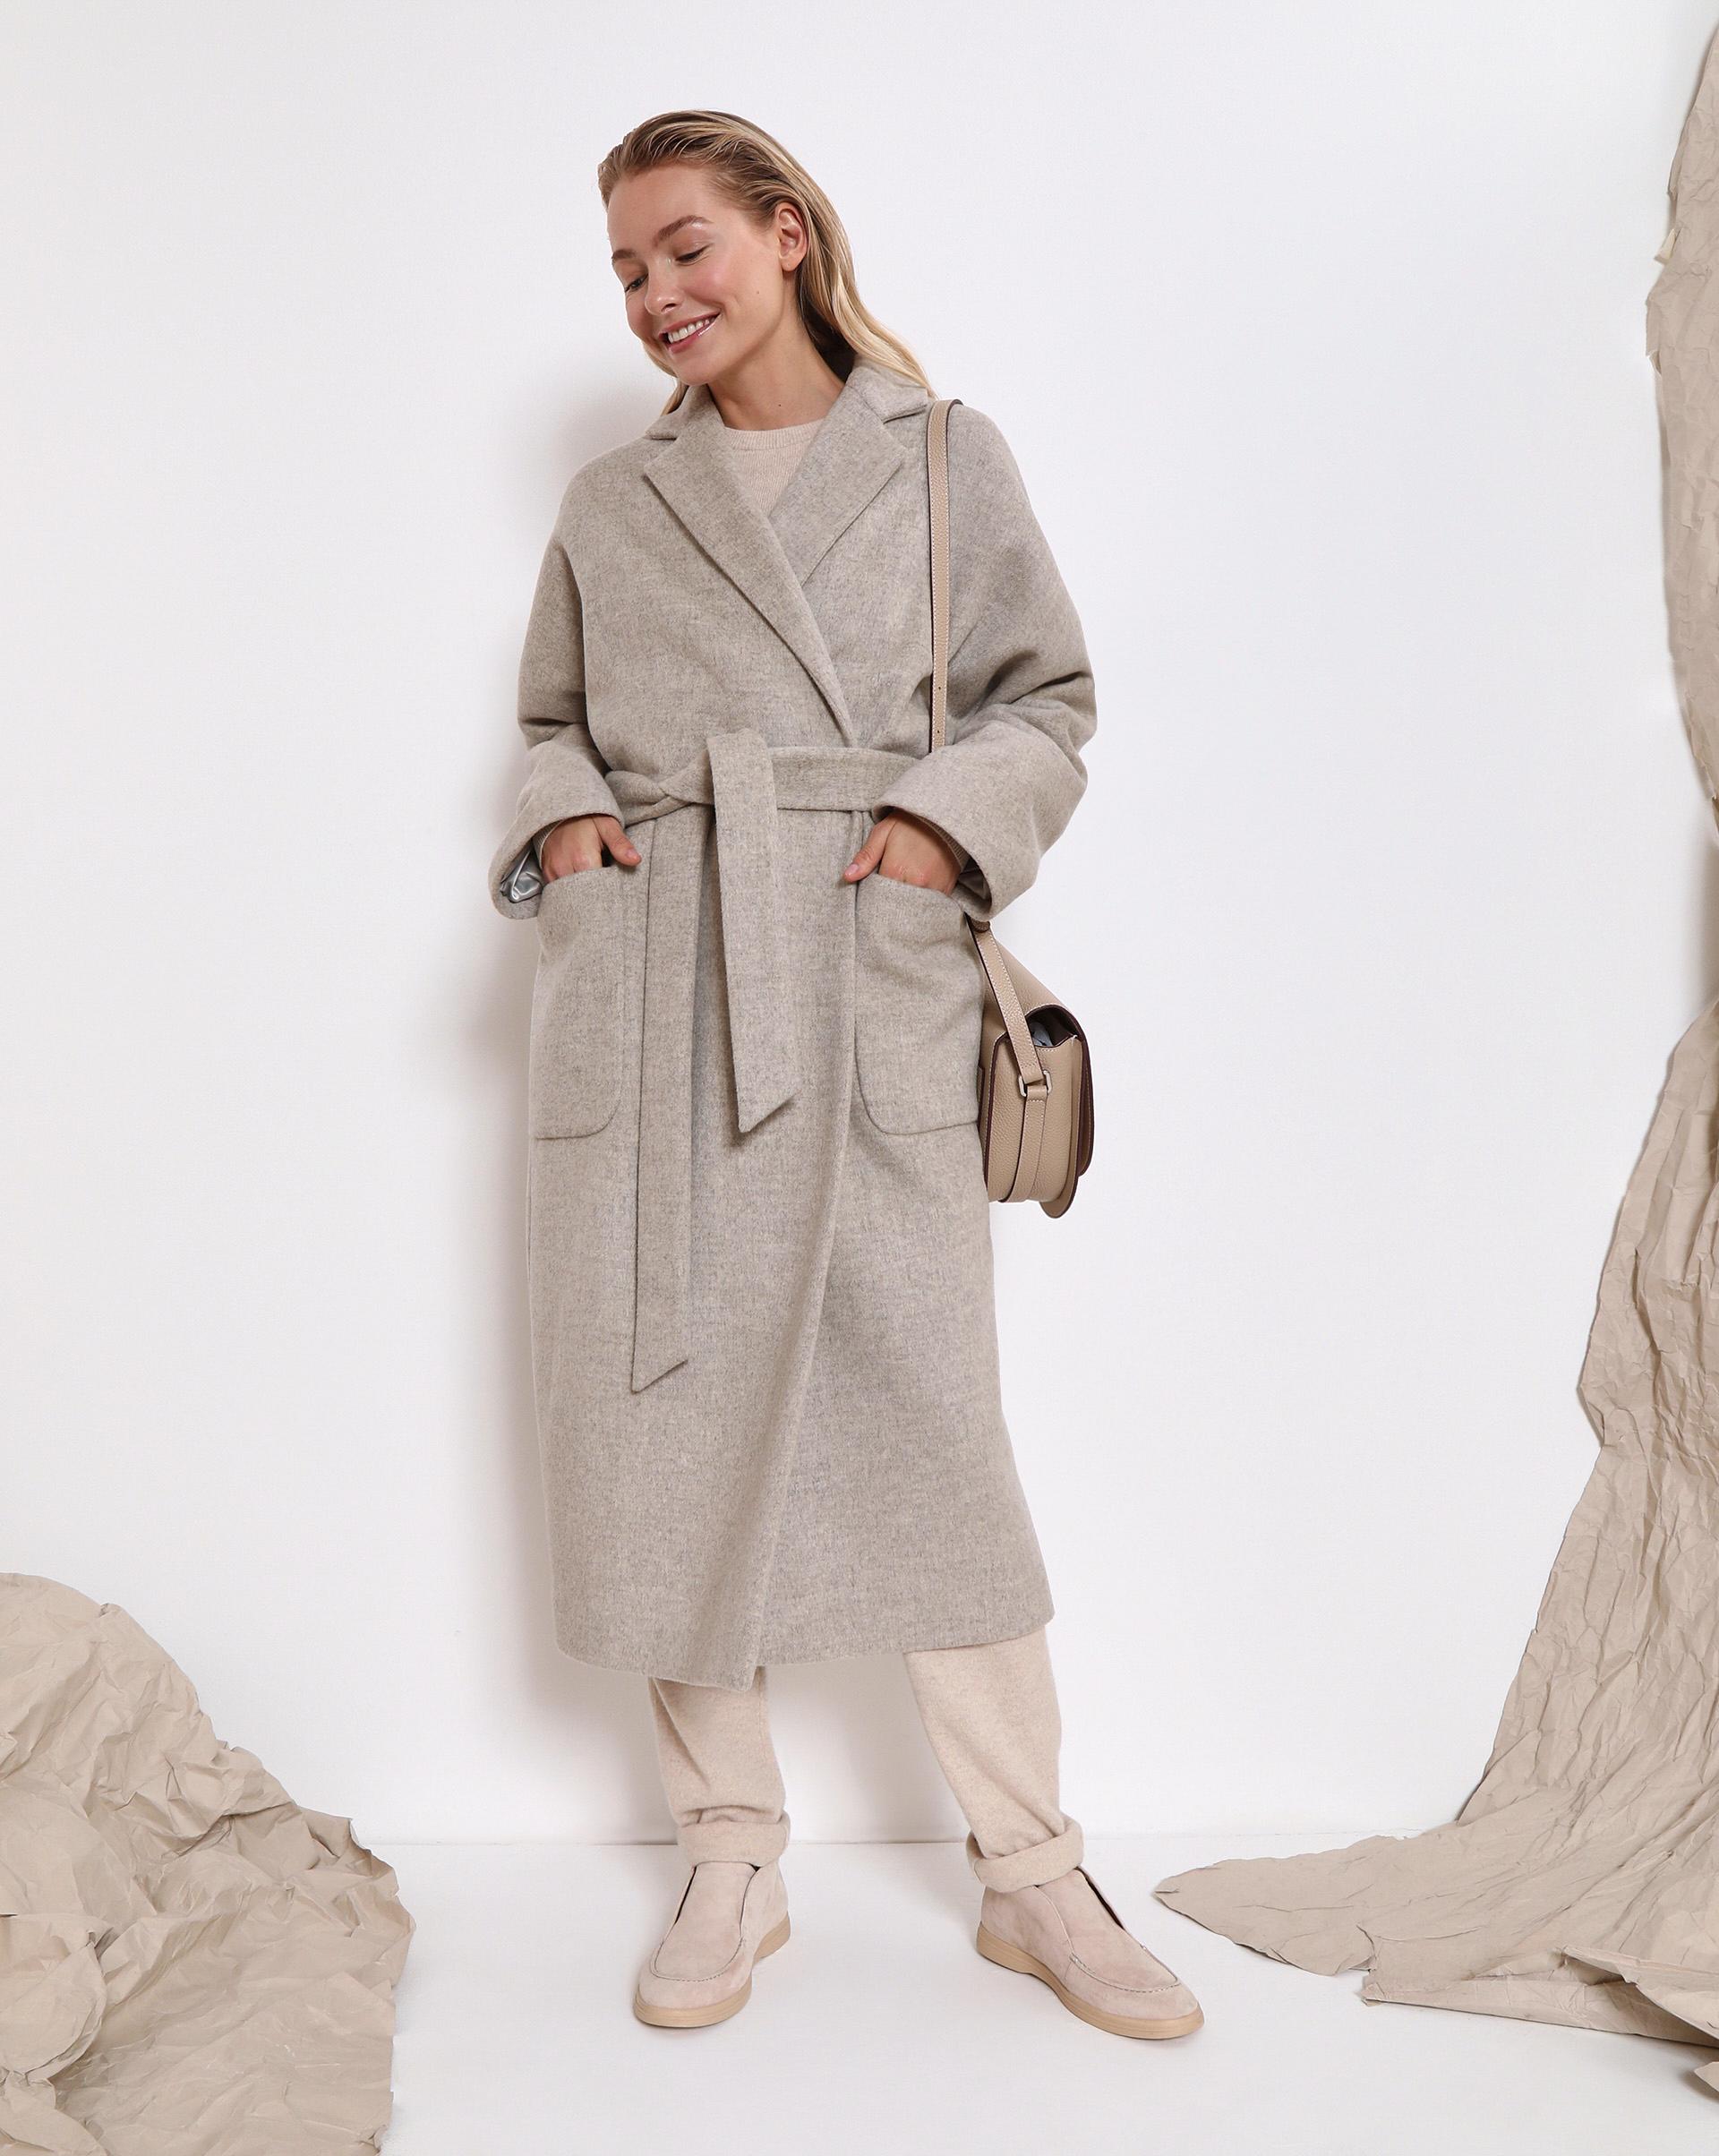 12⠀STOREEZ Пальто-халат с поясом, на подкладке